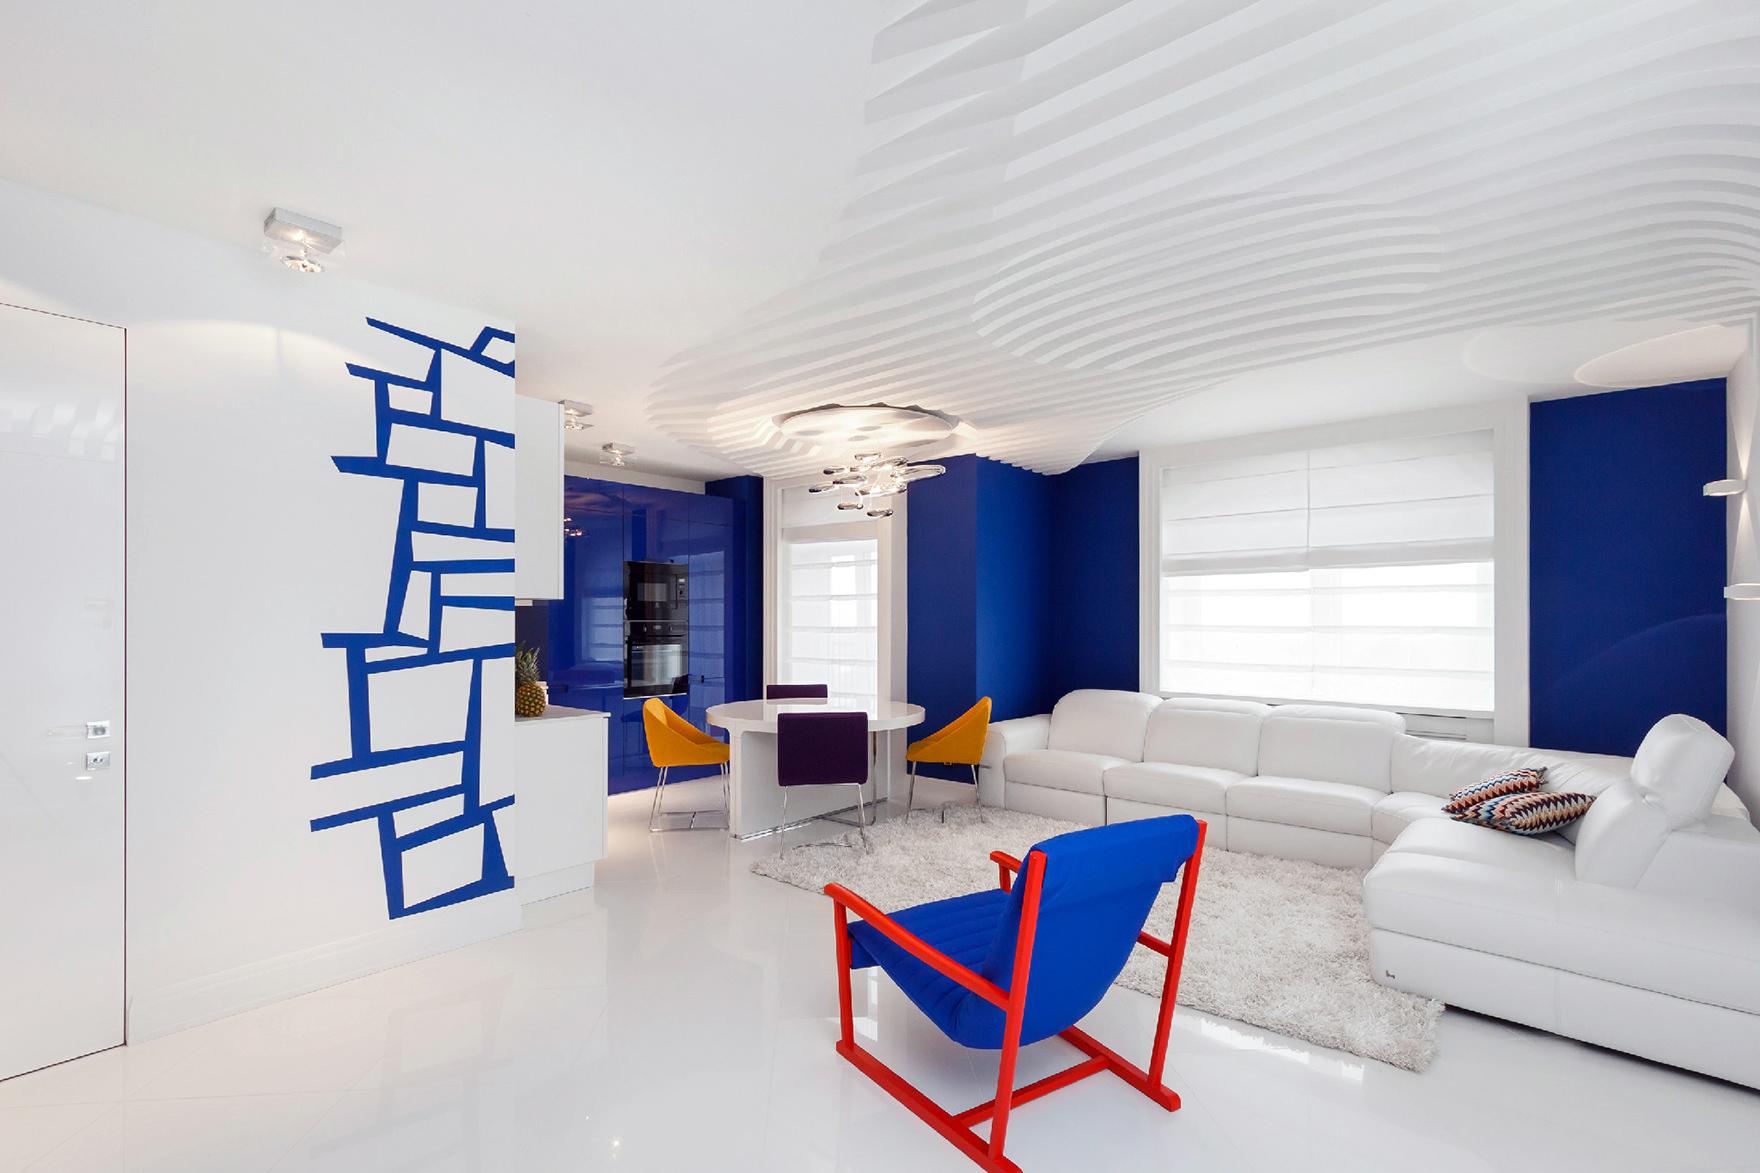 Синий, белый, красный и желтый цвета в интерьере гостиной-кухни